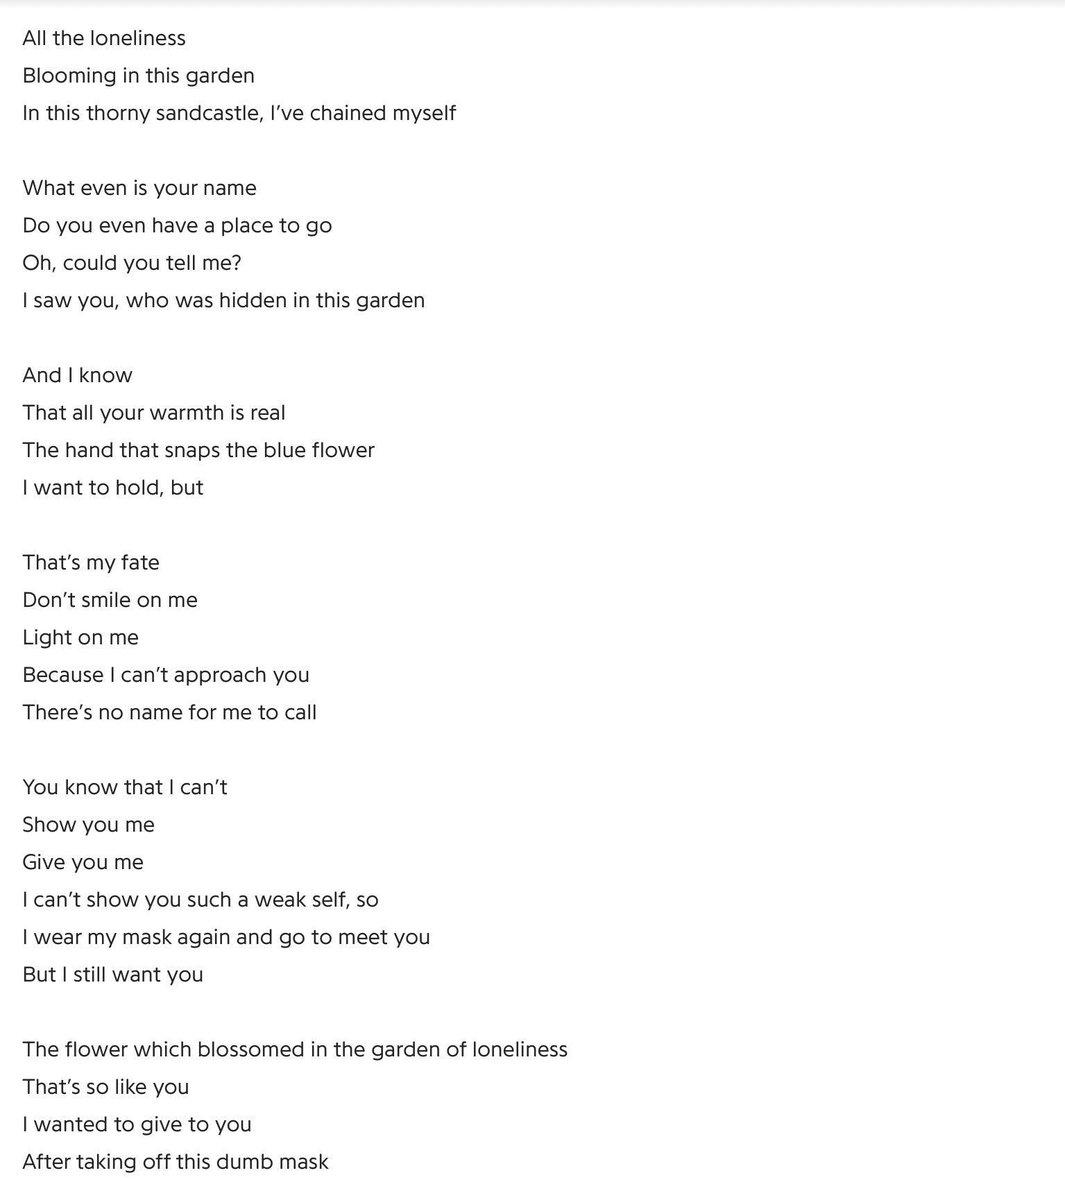 still want you lyrics